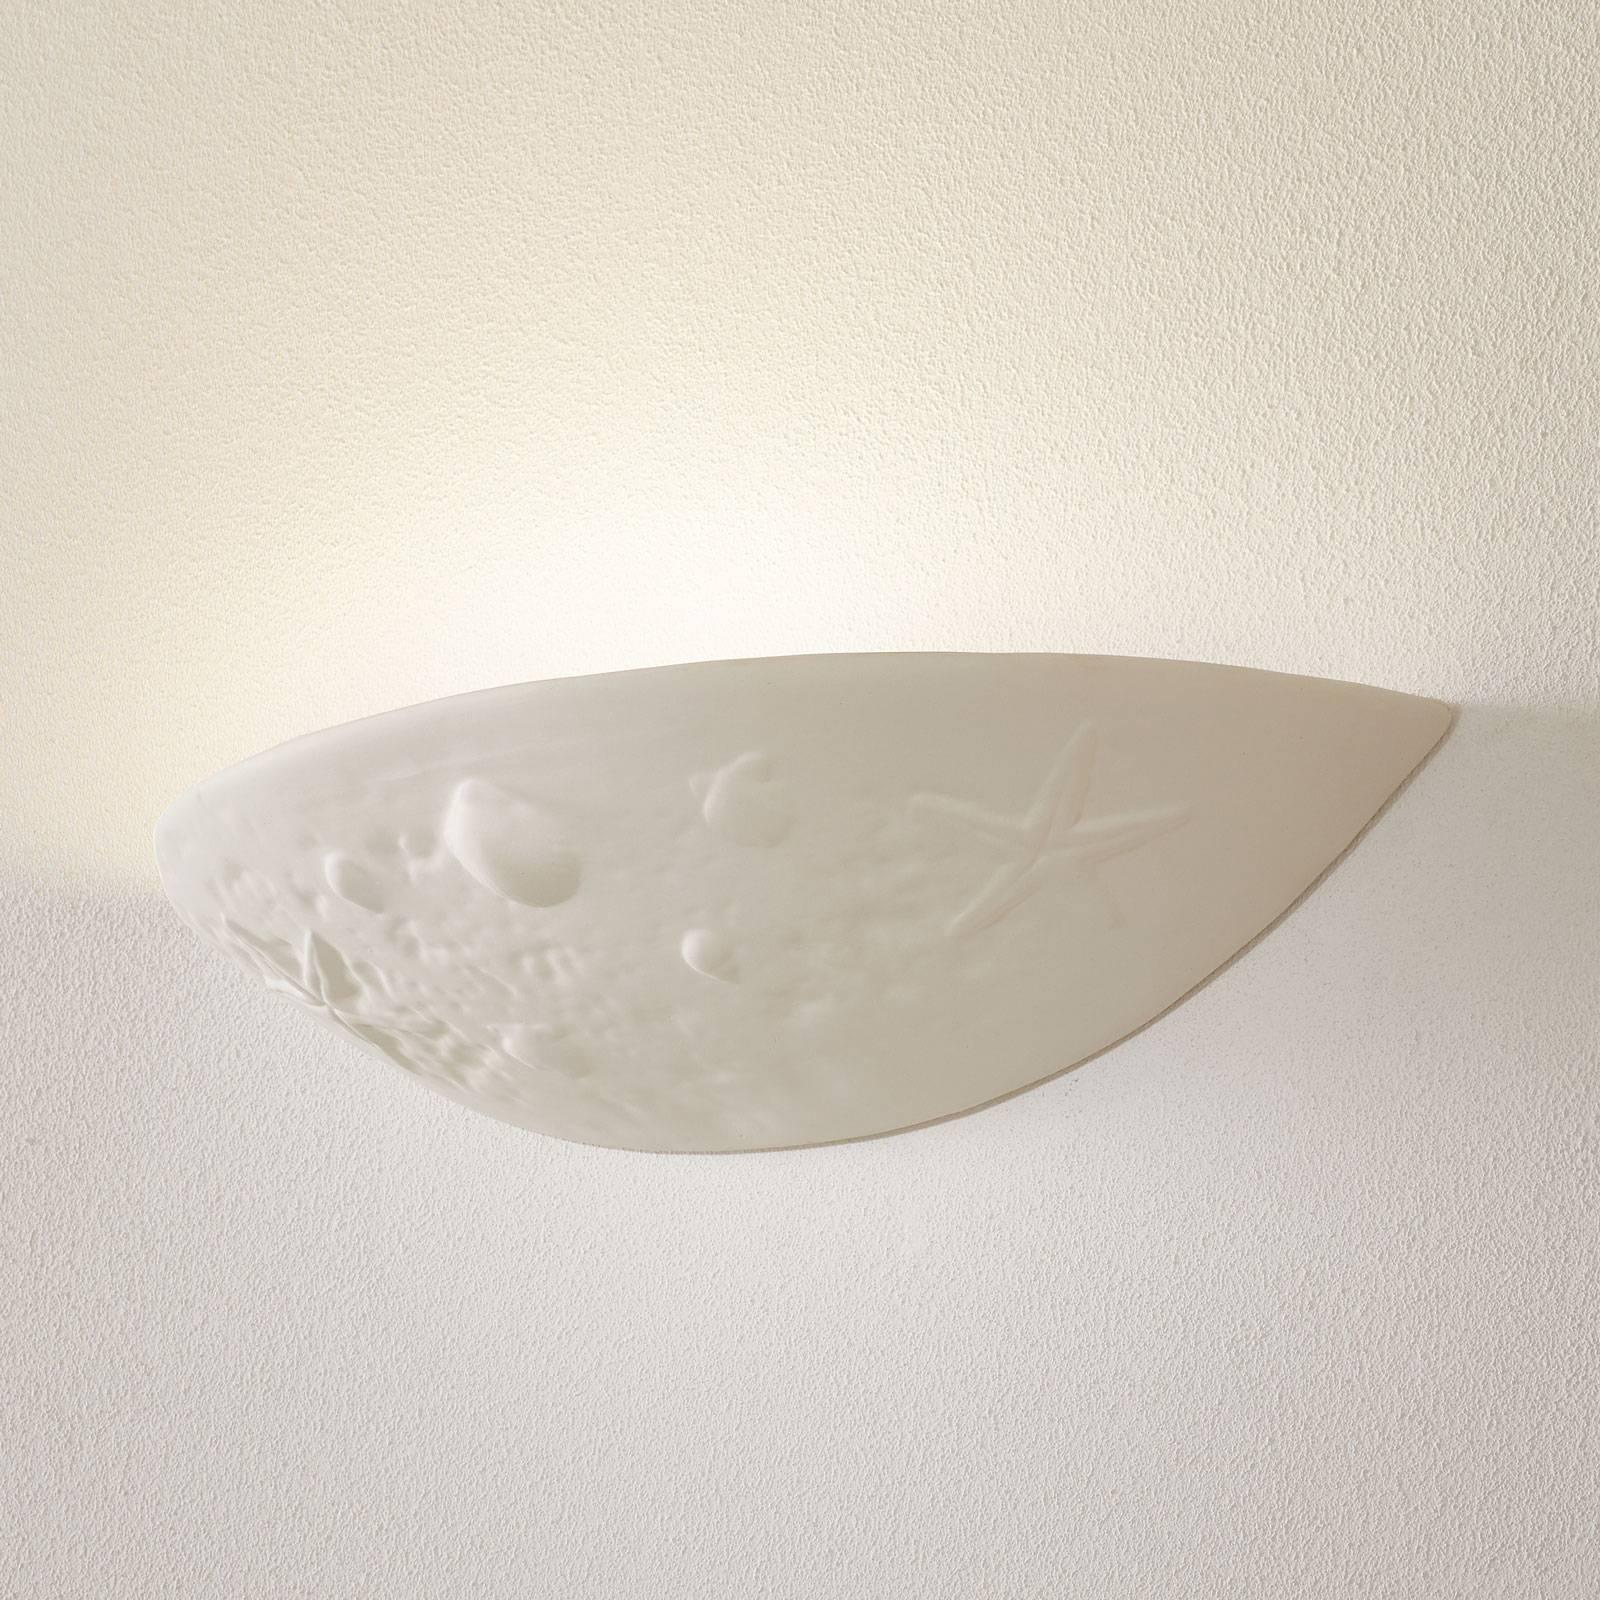 Applique ceramica Delia - motivo marittimo